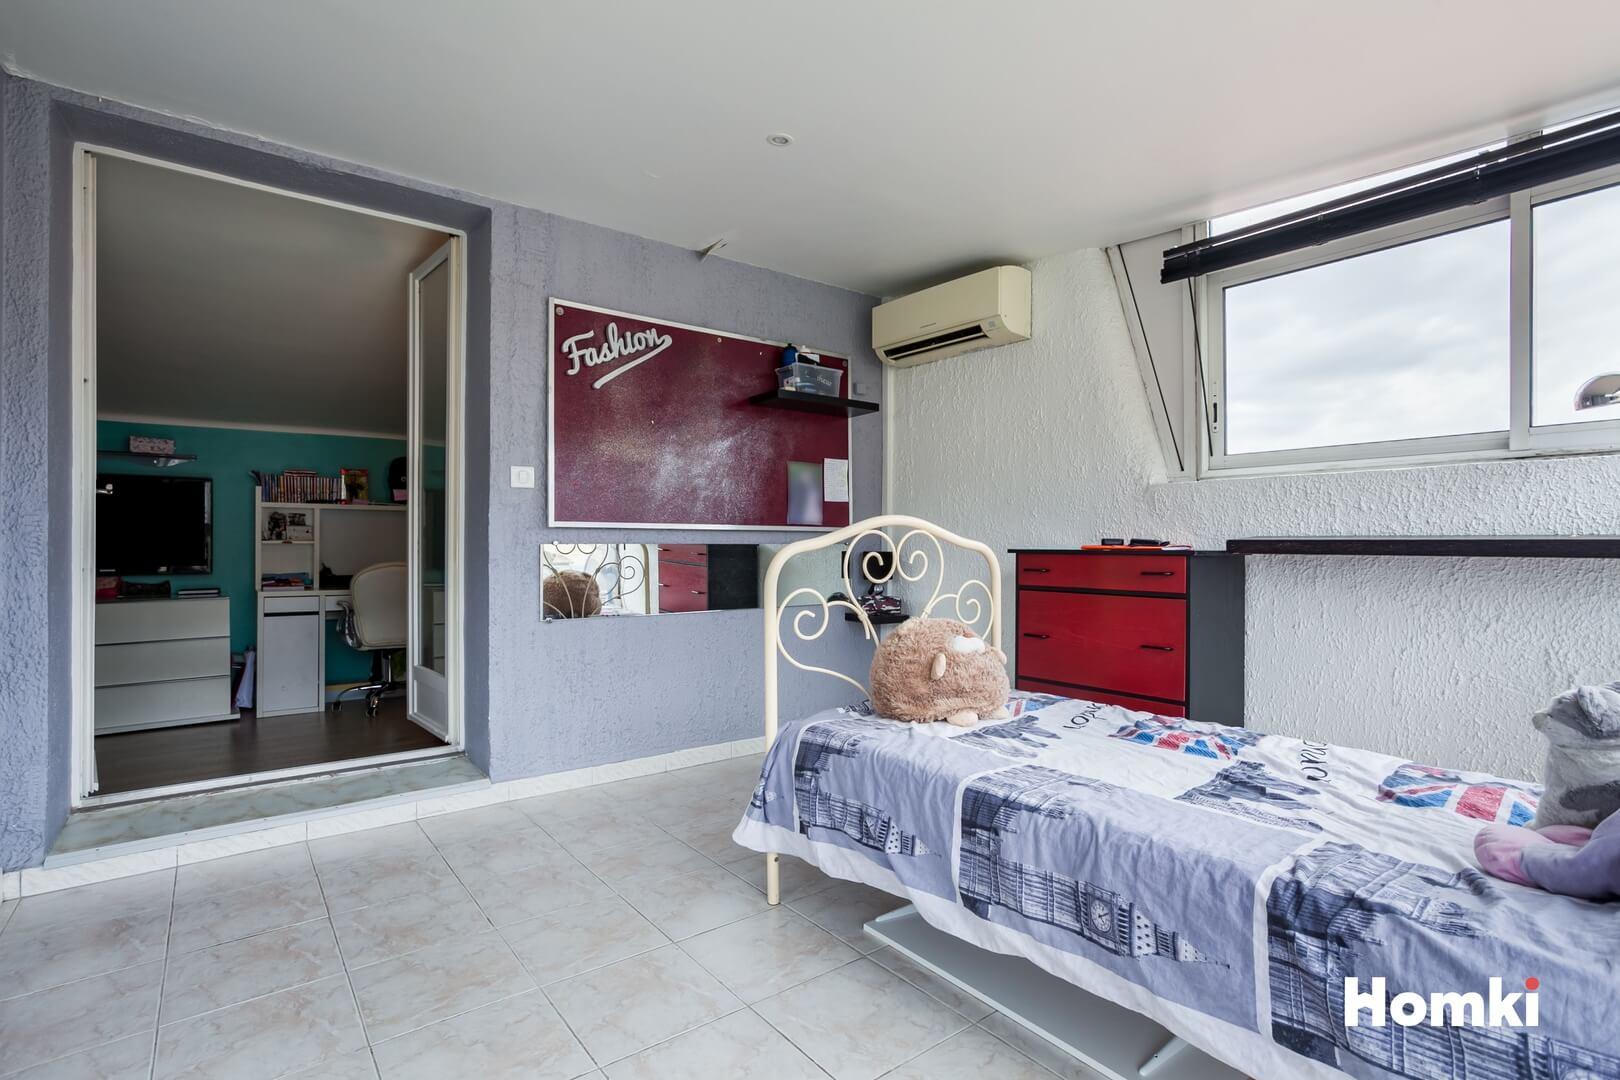 Homki - Vente Appartement  de 86.0 m² à Châteauneuf-les-Martigues 13220